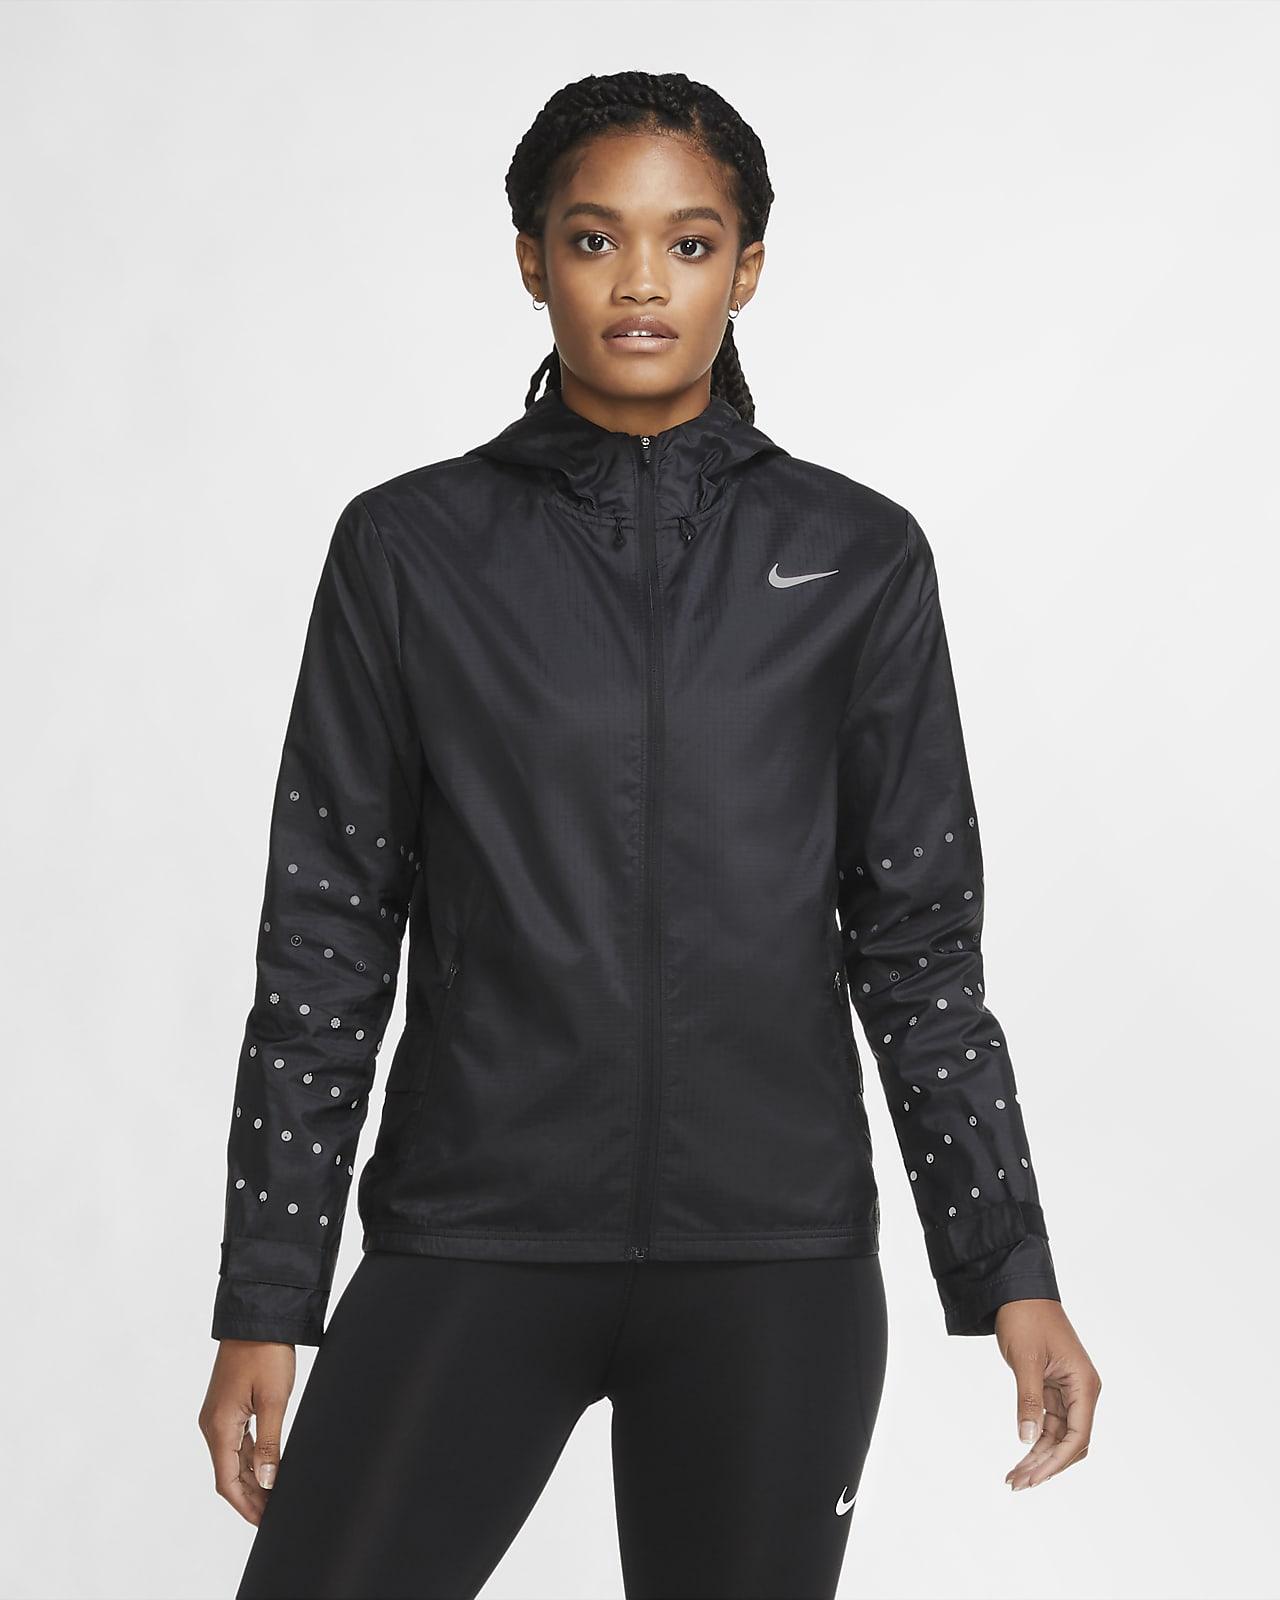 Женская беговая куртка с капюшоном Nike Essential Flash